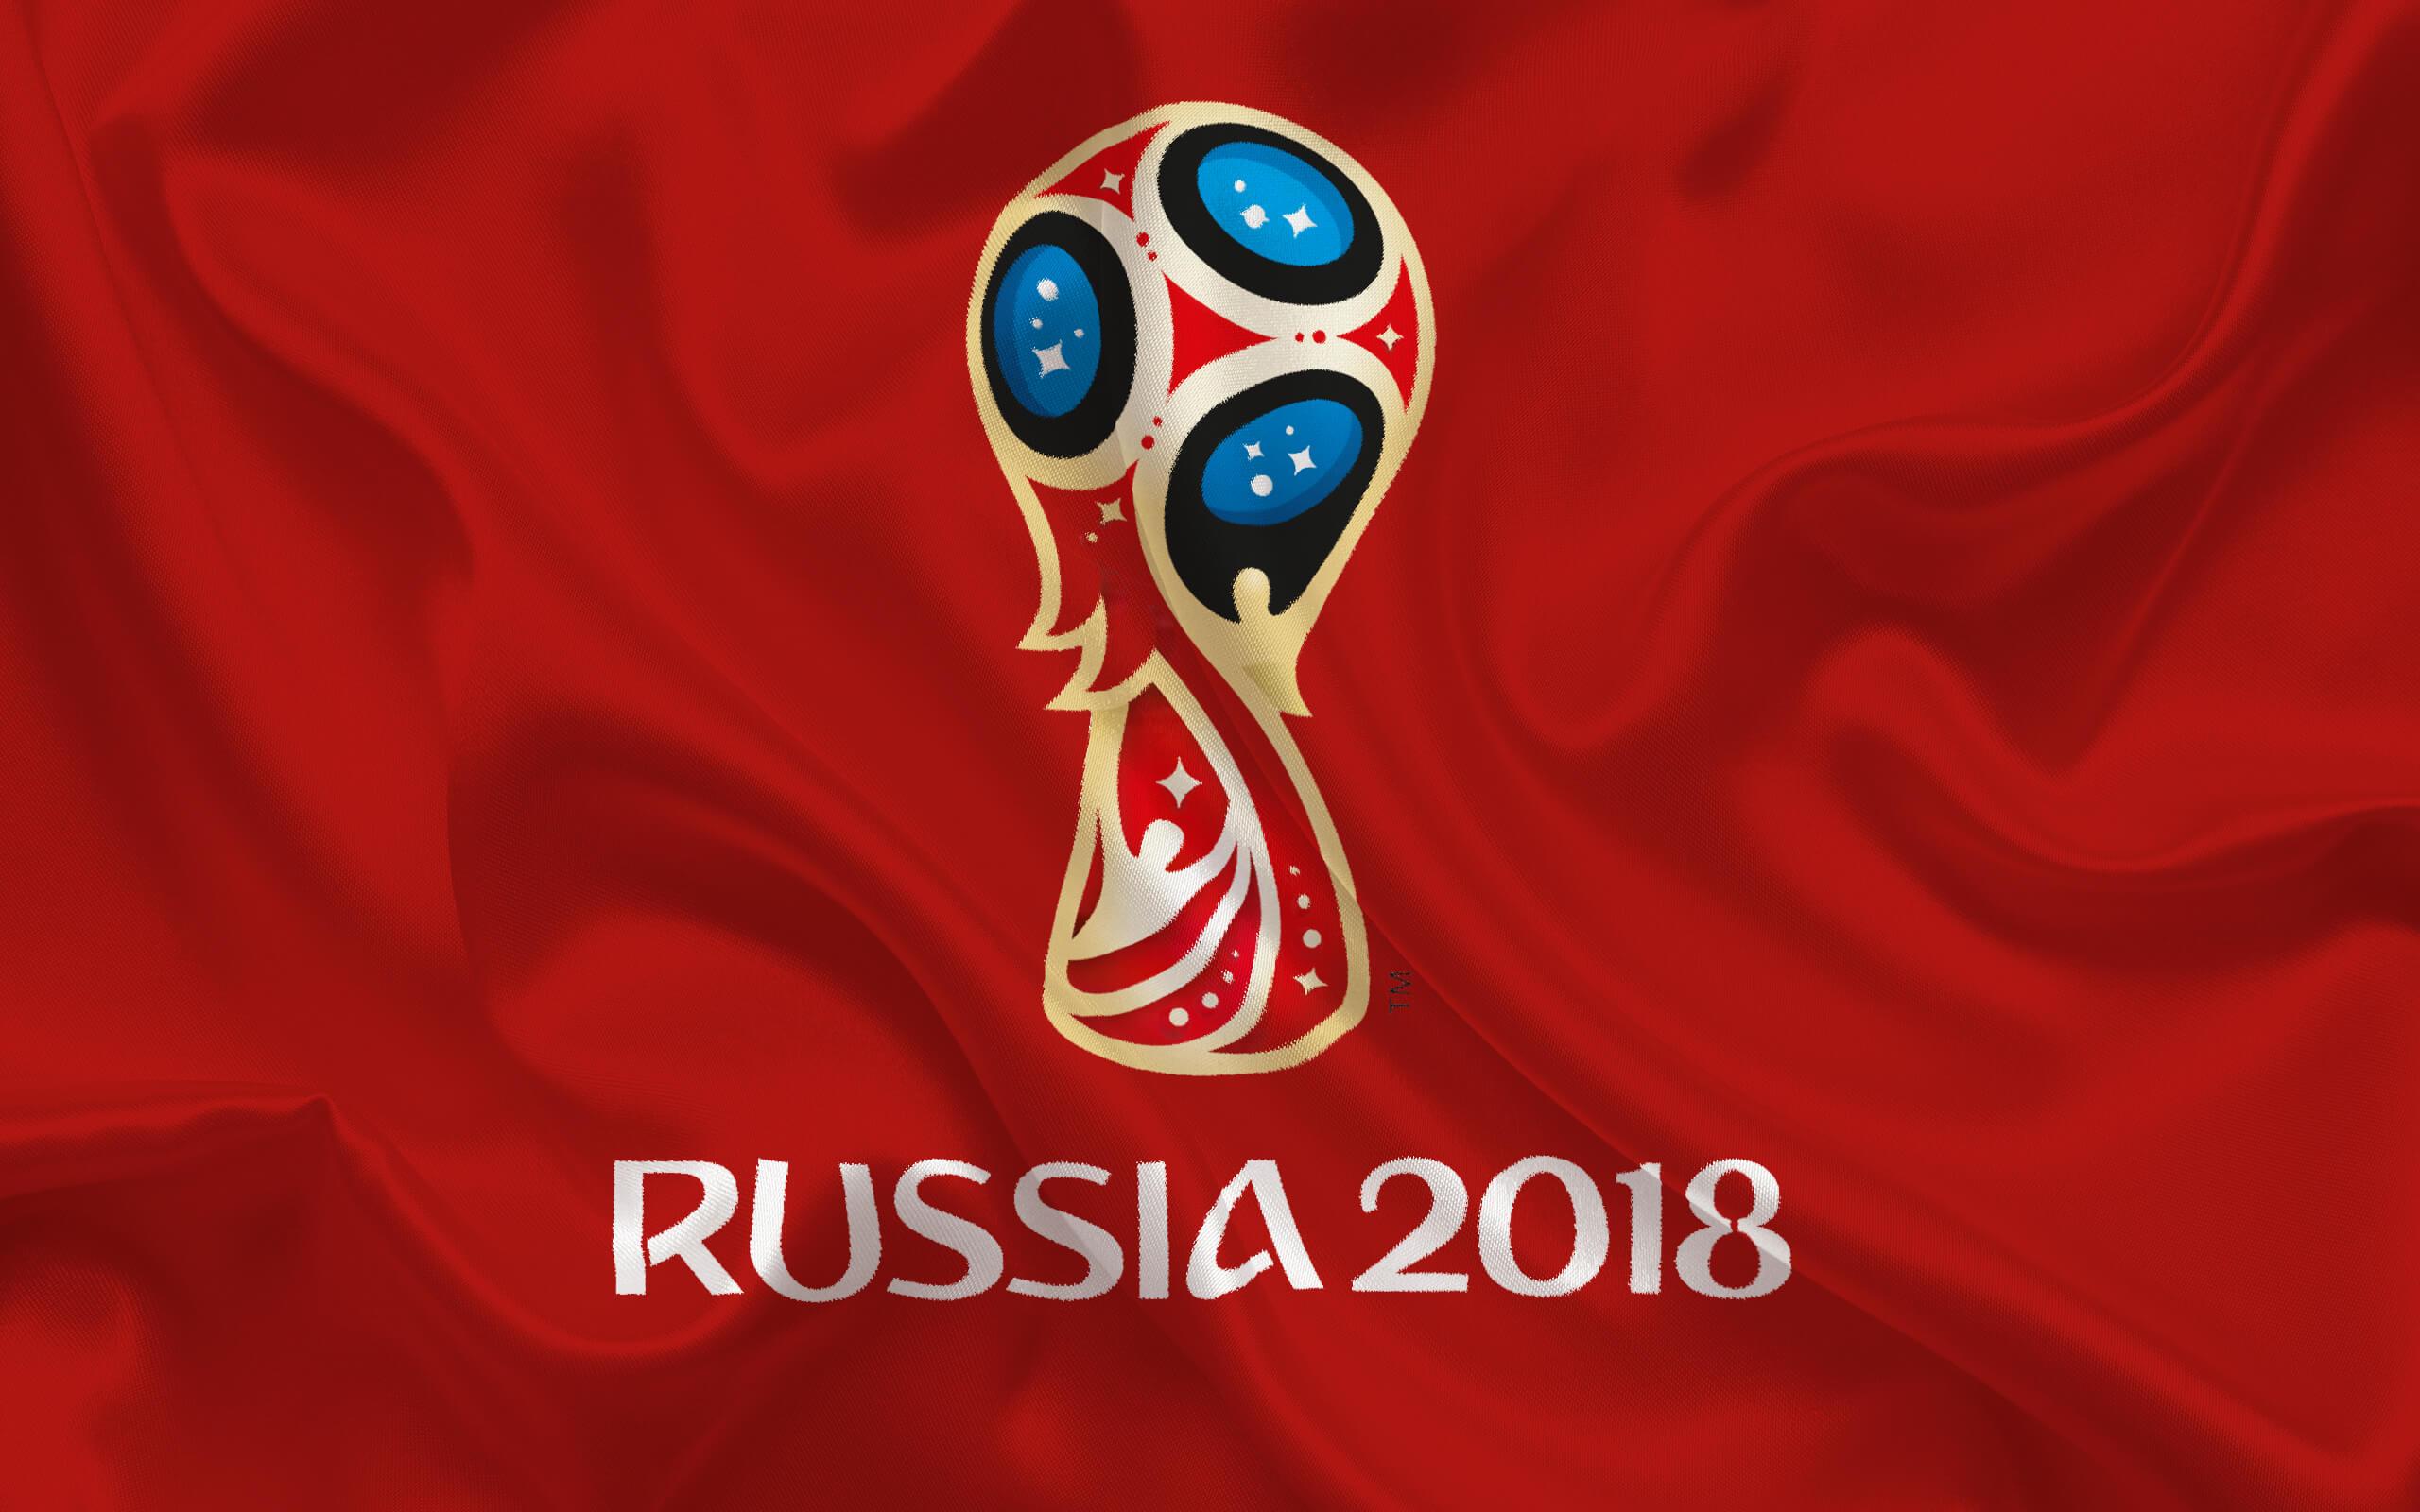 Vestea bună pentru spectatorii de la Campionatul Mondial de Fotbal din Rusia